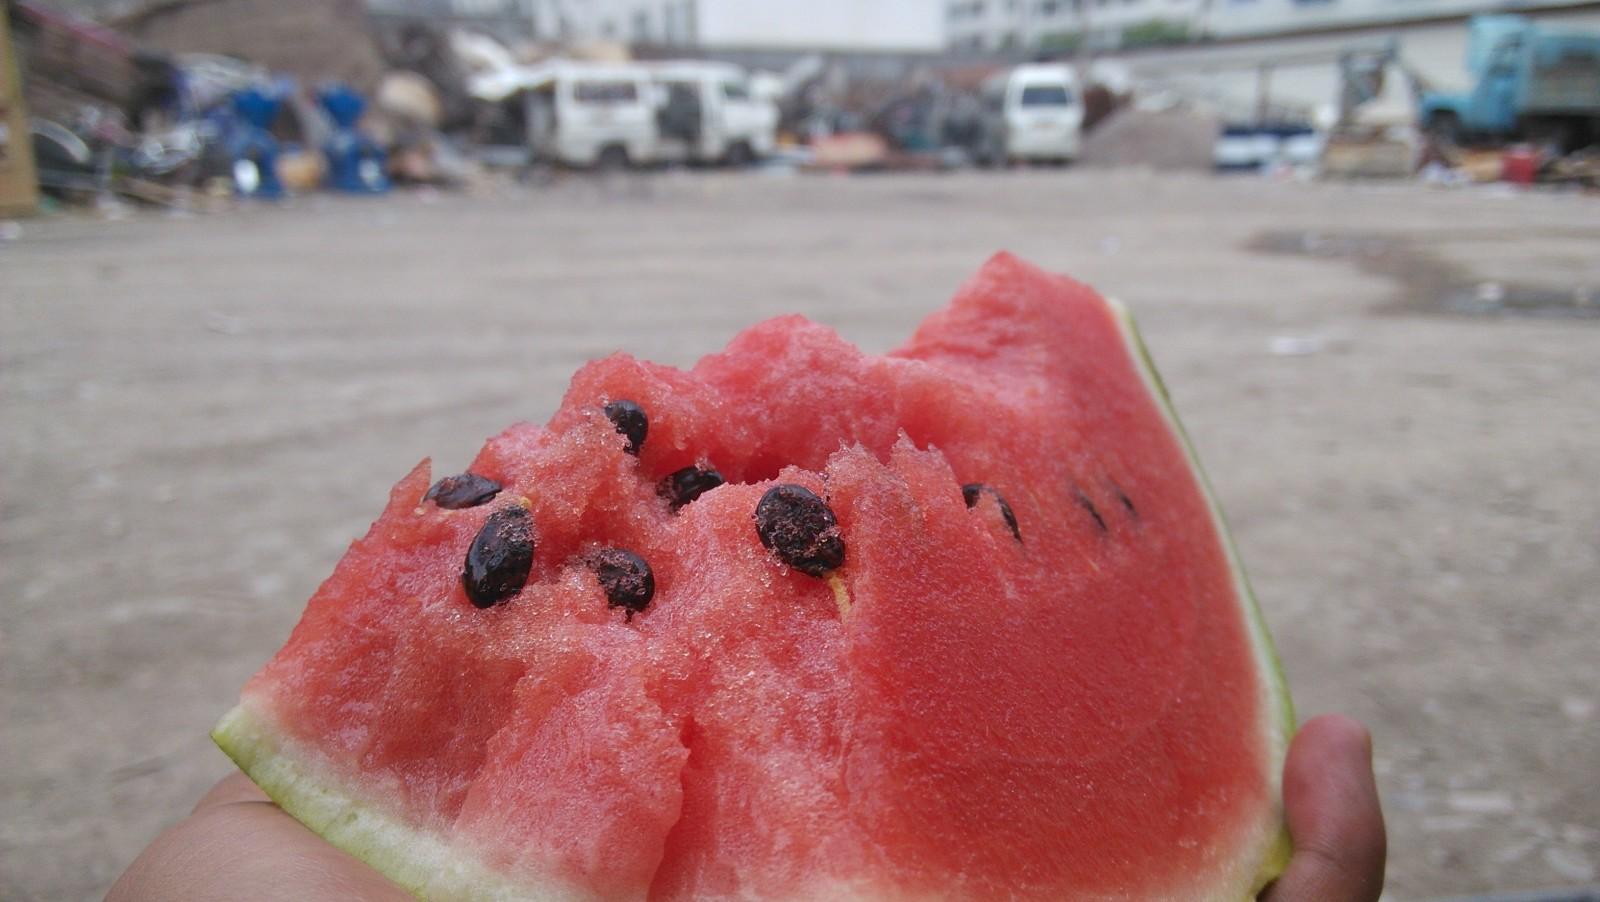 好好吃的西瓜:D……在拉肚子之前我是这么想的-_-||